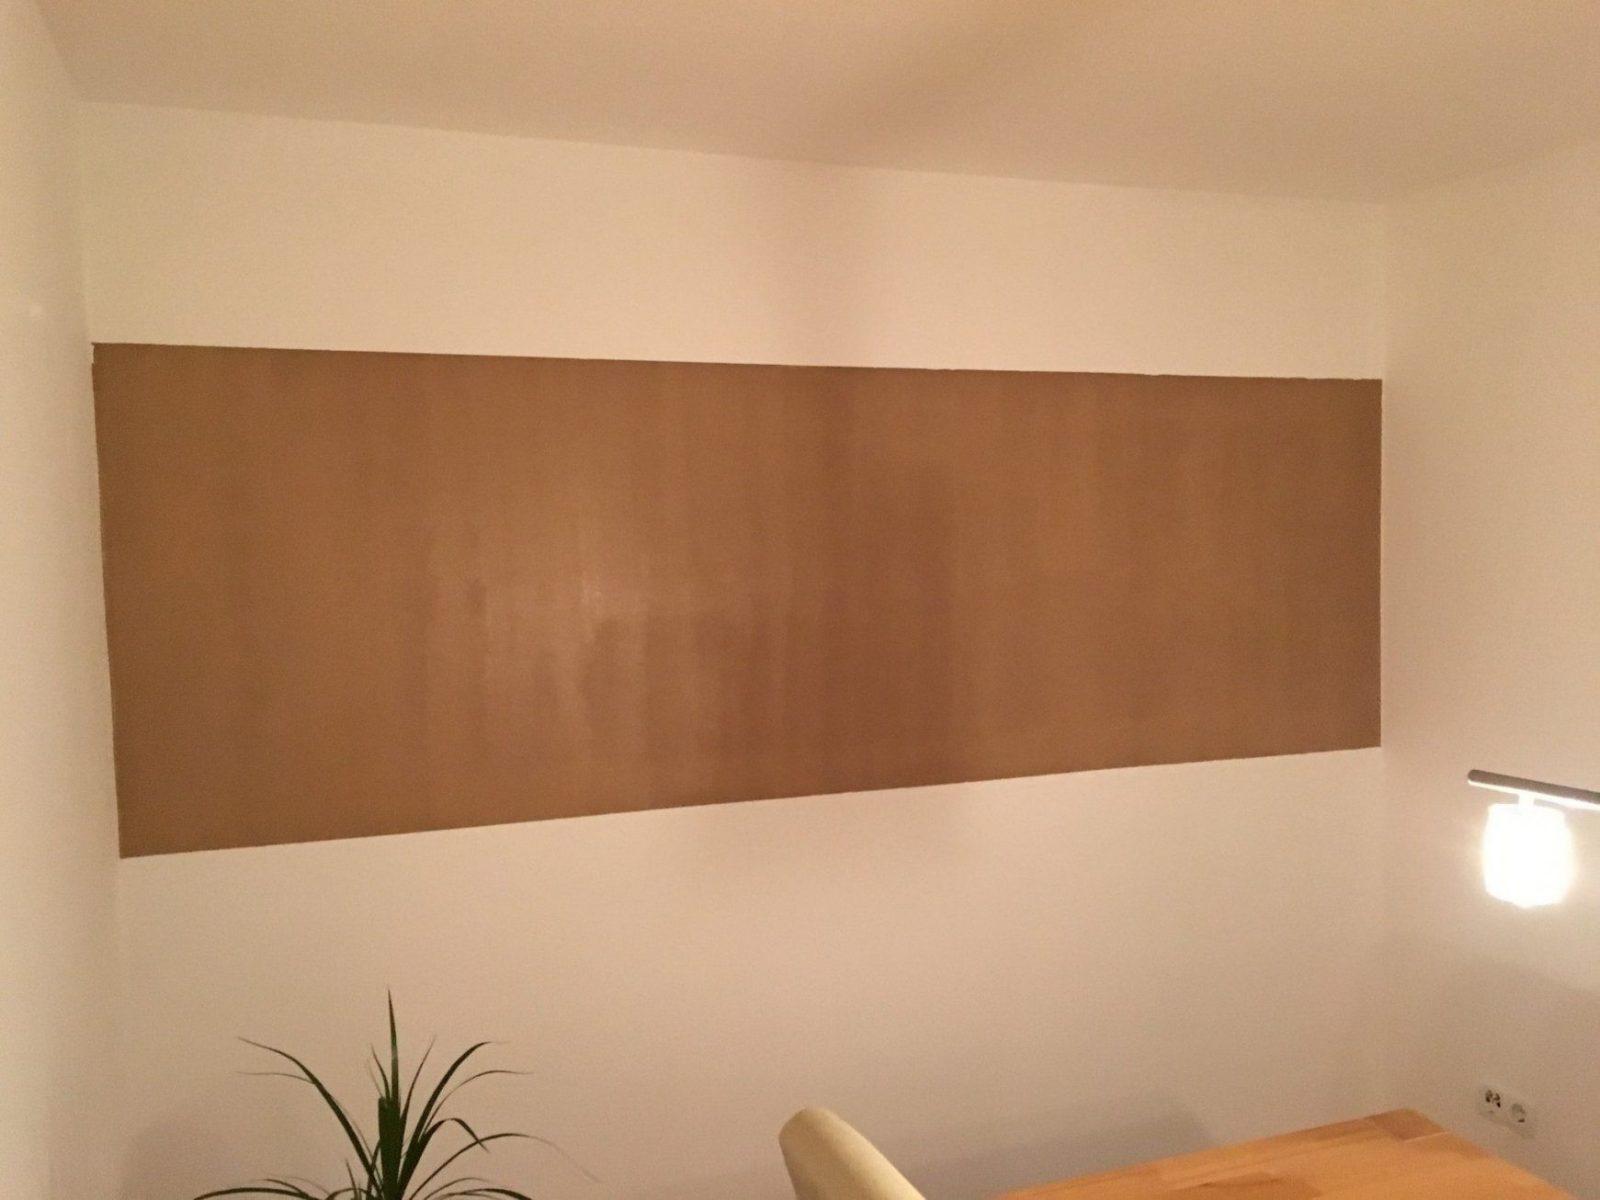 Saubere Kanten Bei Zweifarbiger Wand Streichen  So Geht Es von Wand Farbig Streichen Rand Lassen Bild